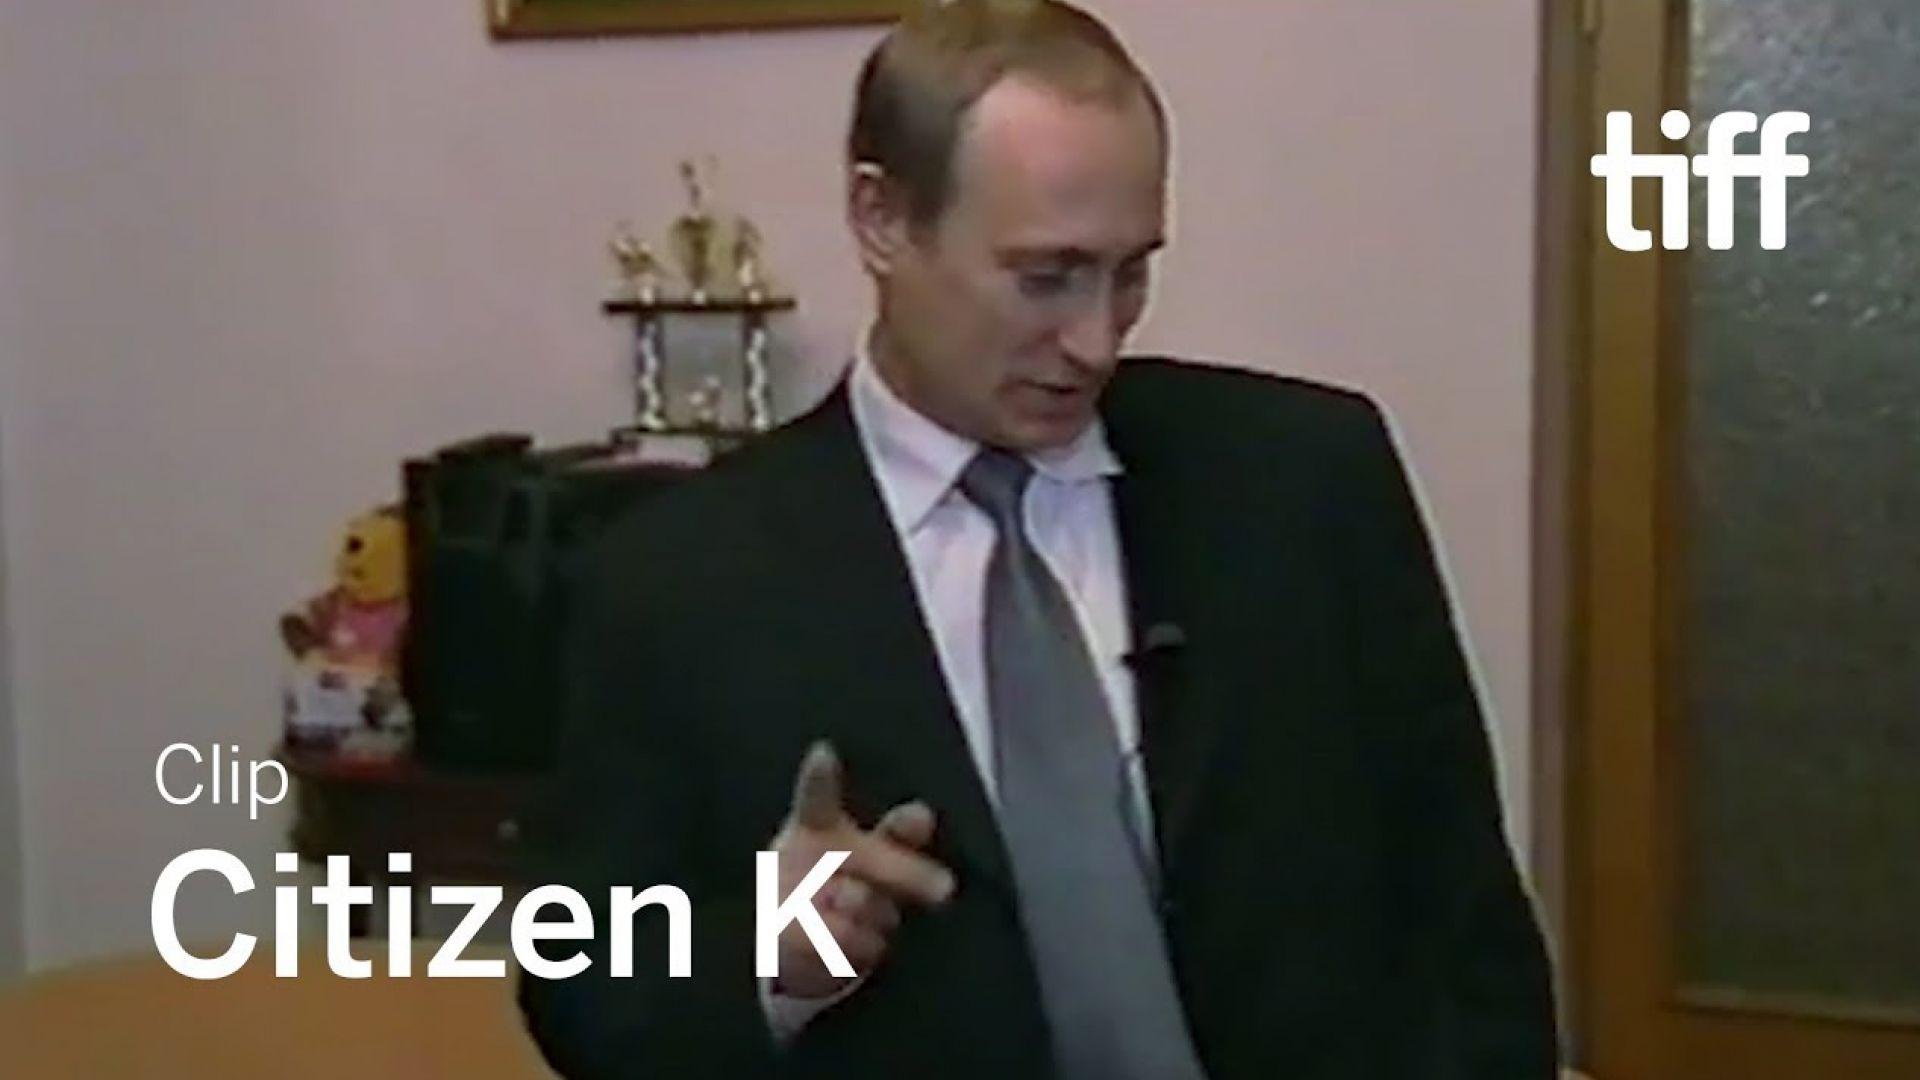 'Citizen K' clip